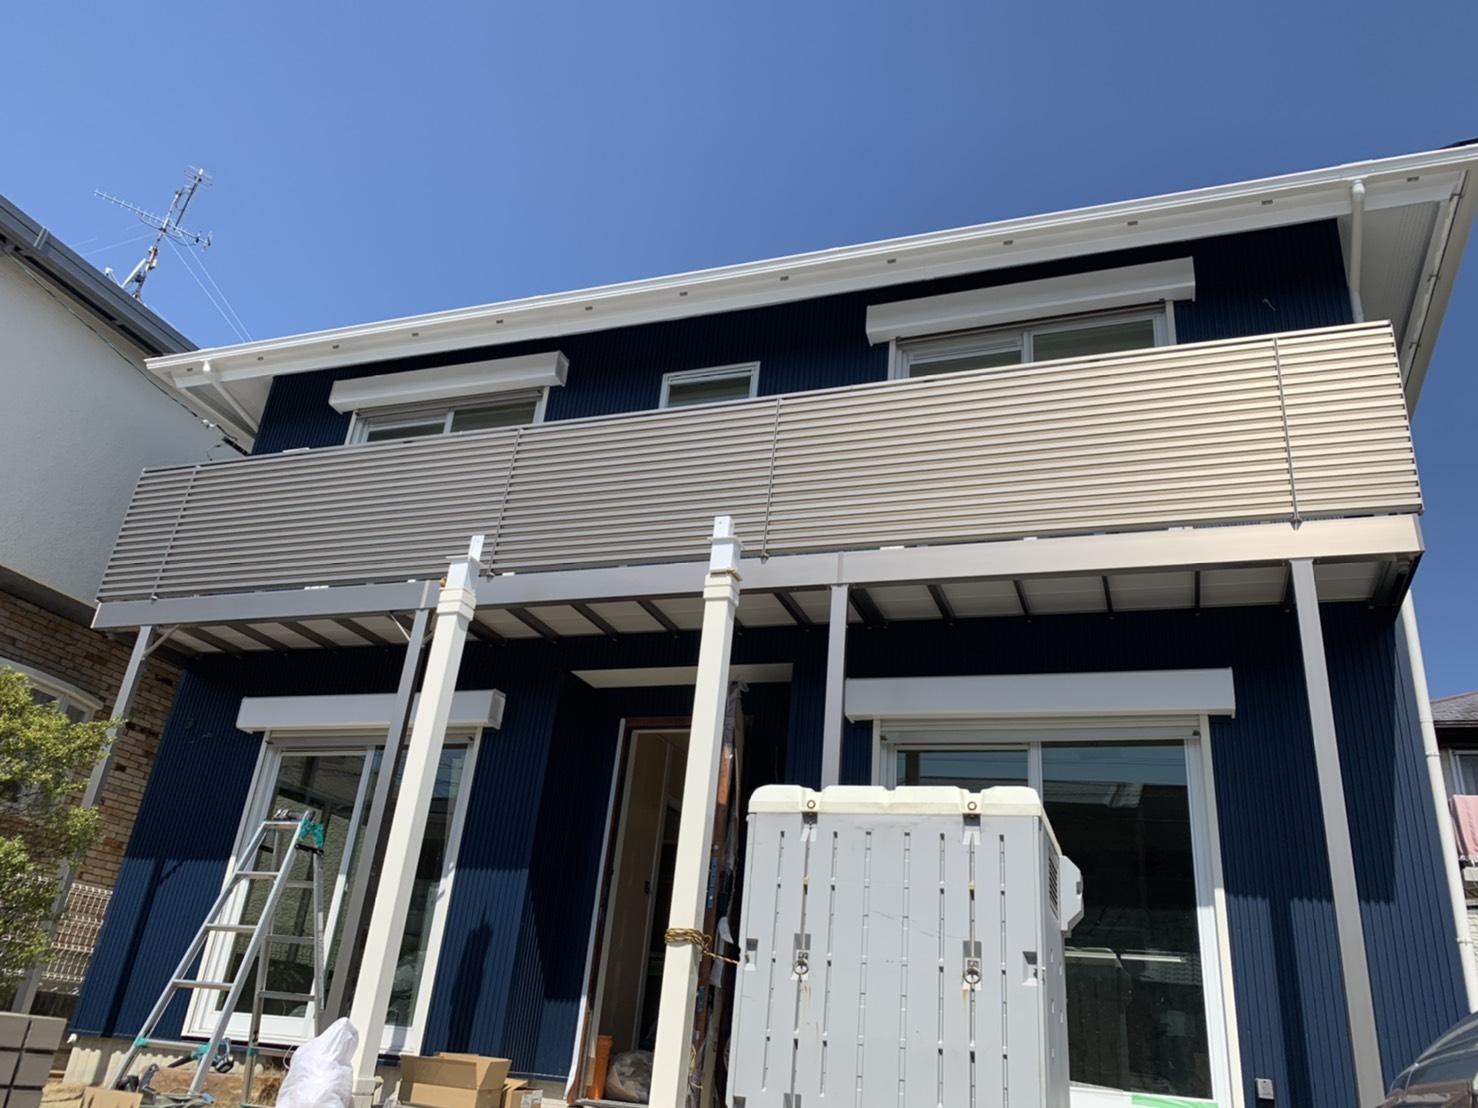 愛知県豊明市 エクステリア工事店 リクシル アルミ手摺り取付工事